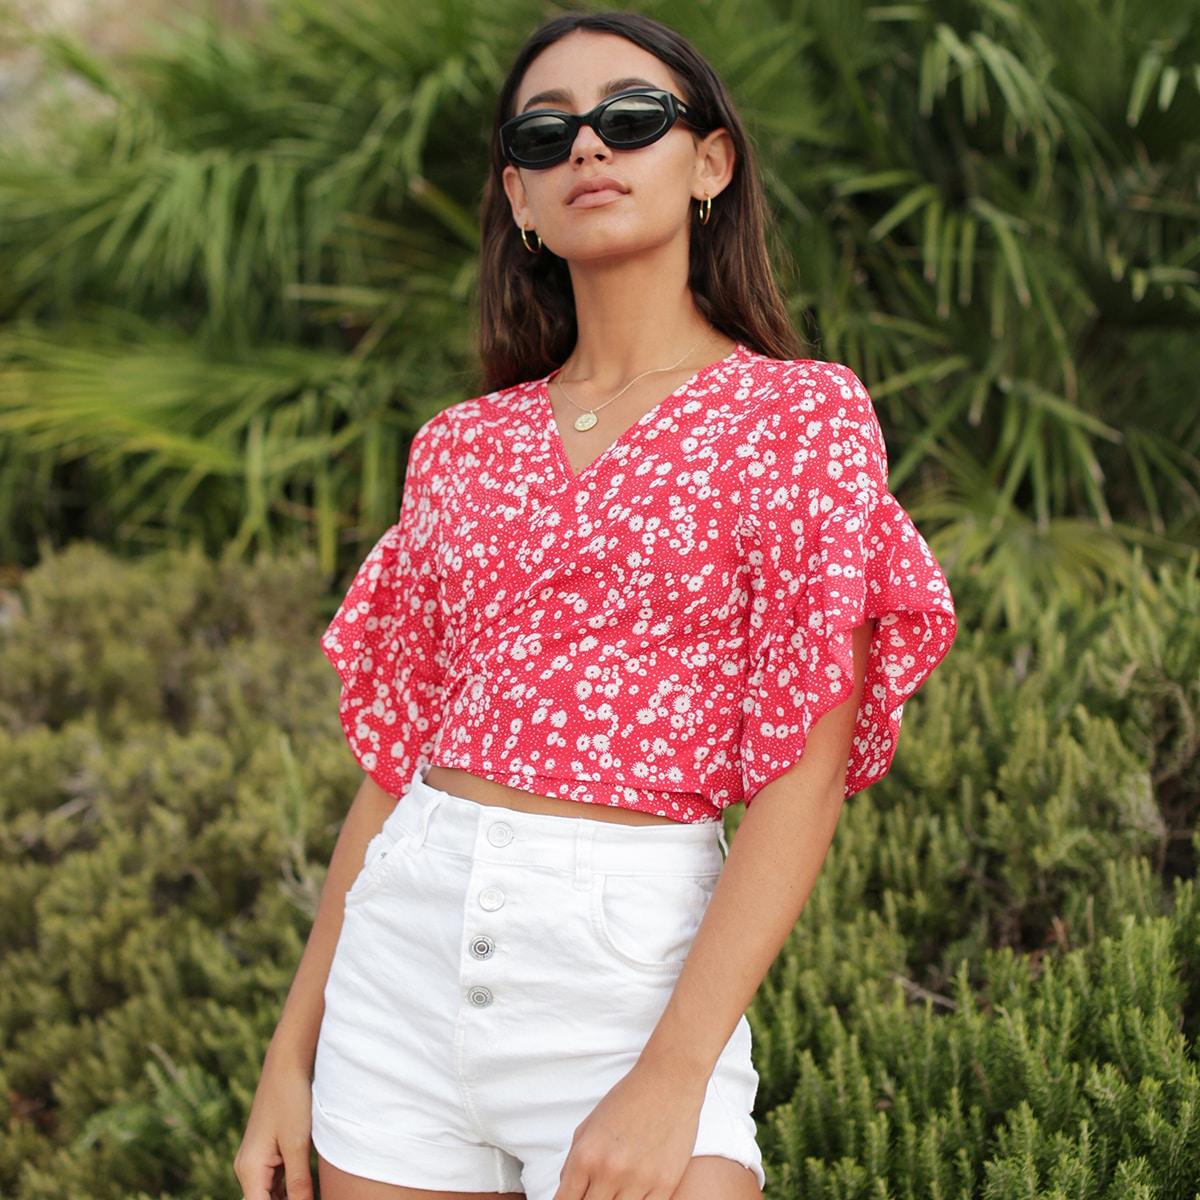 SHEIN / Bluse mit Band hinten, Gänseblümchen Muster und Wickel Design